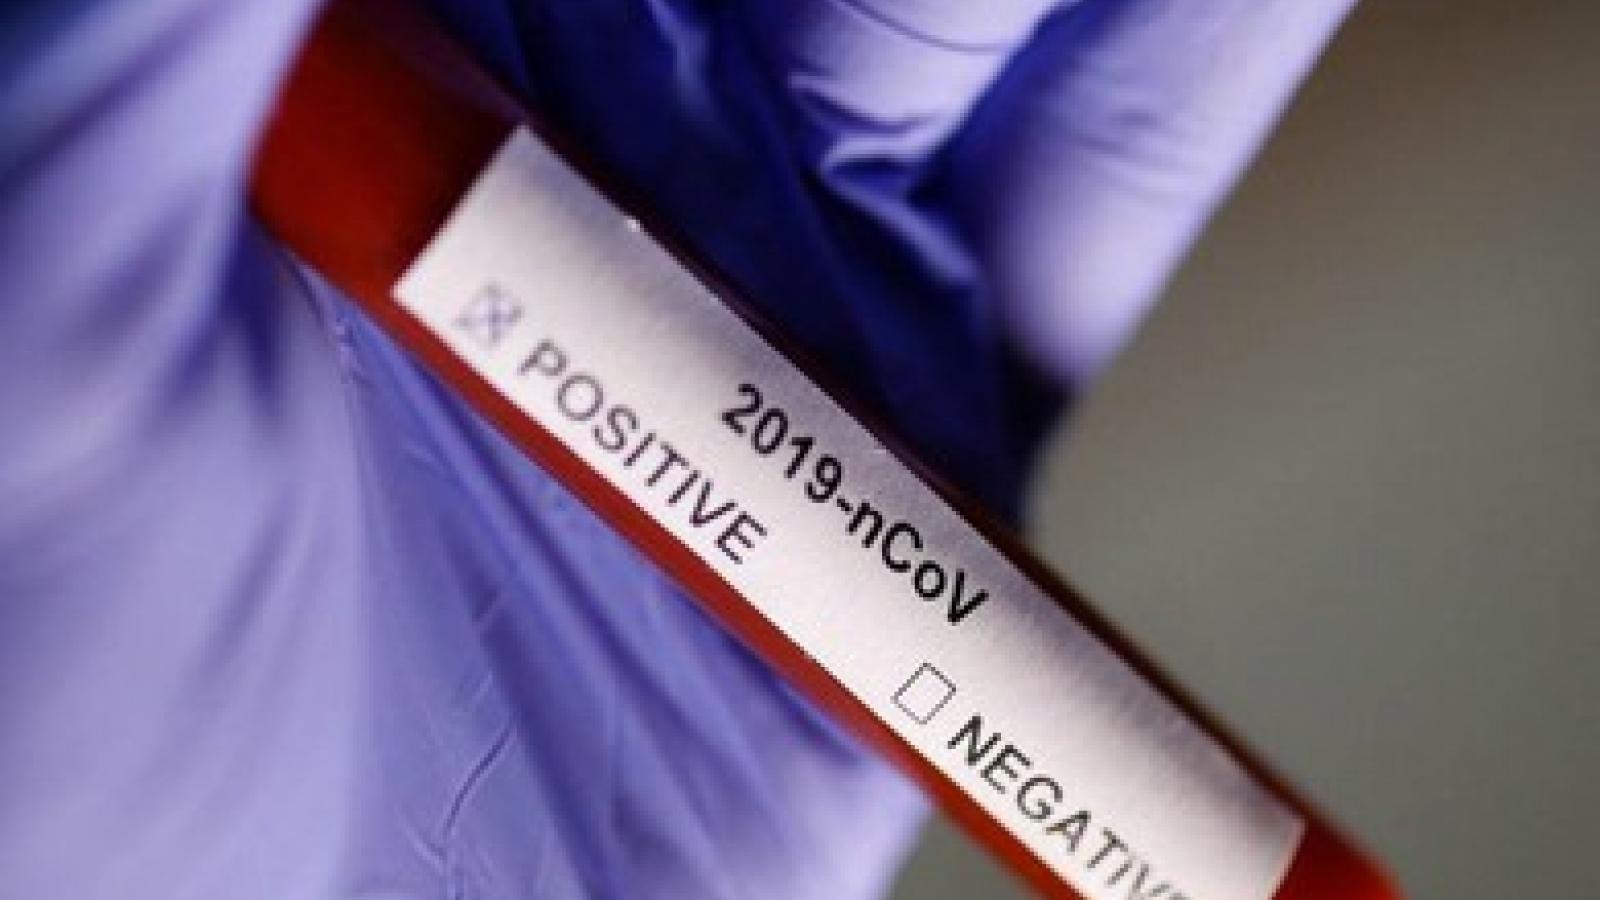 Việt Nam có ca mắc Covid-19 đầu tiên tử vong với bệnh nền suy thận giai đoạn cuối